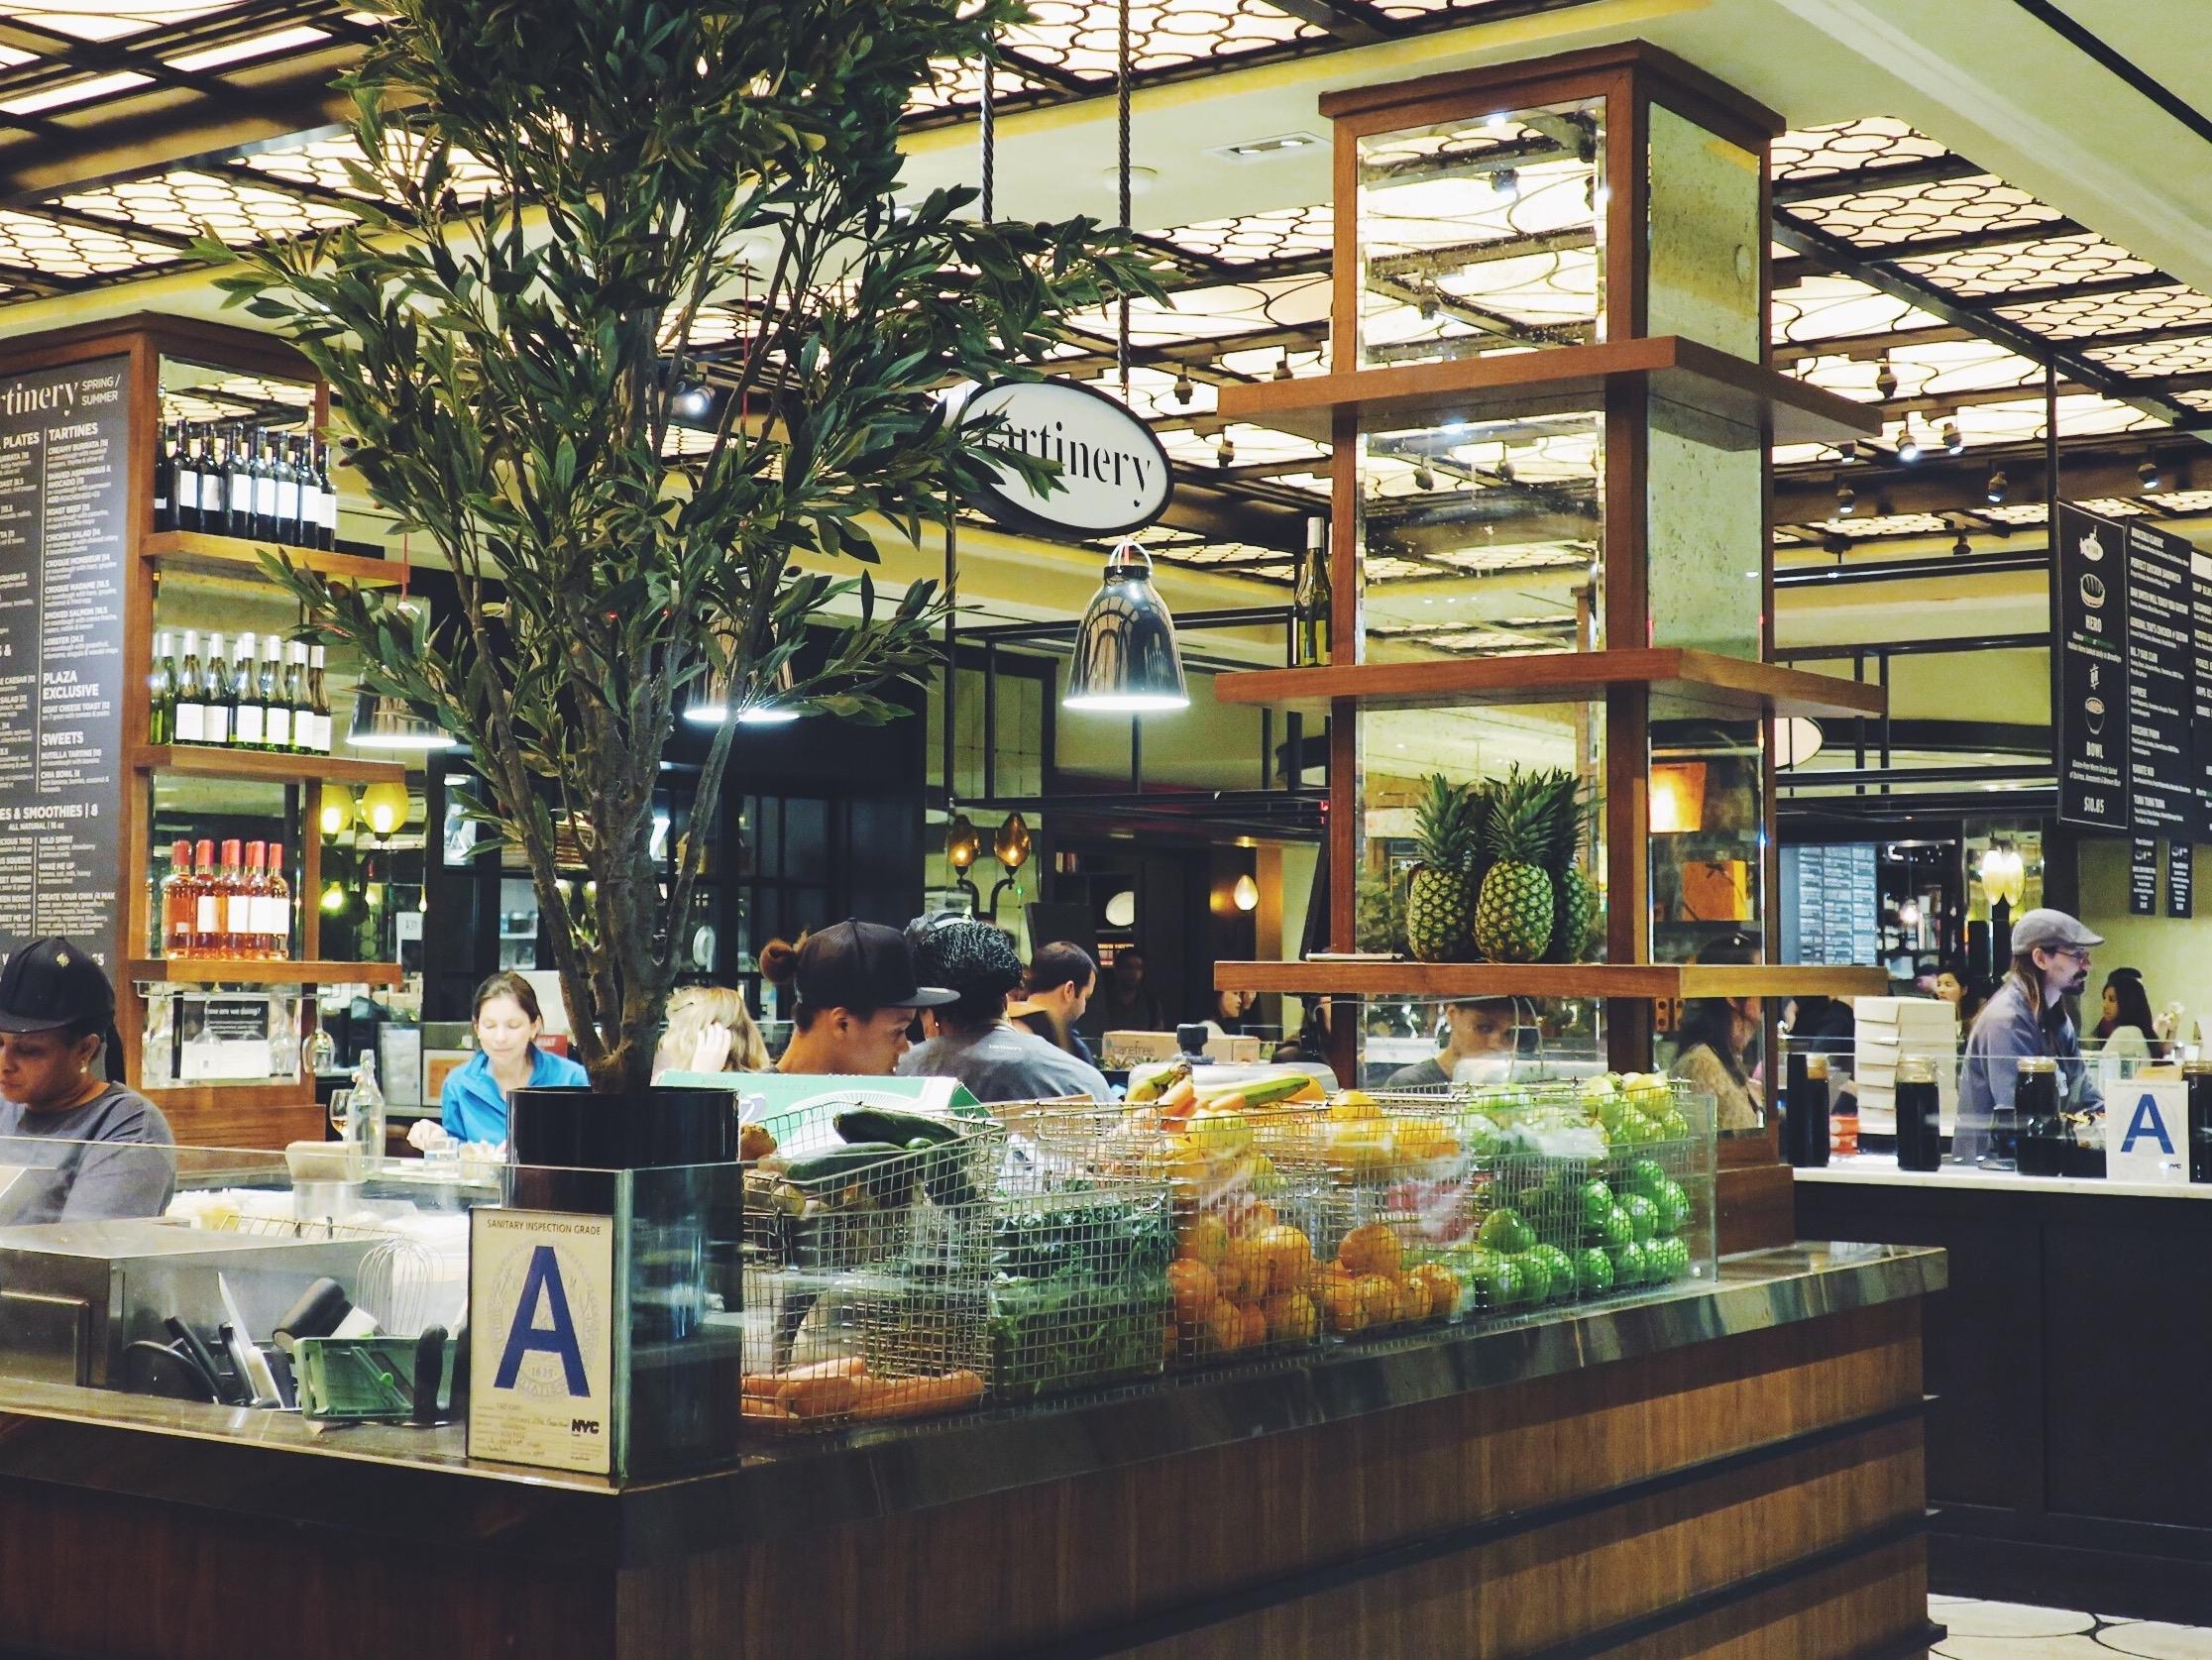 The Plaza Food Hall